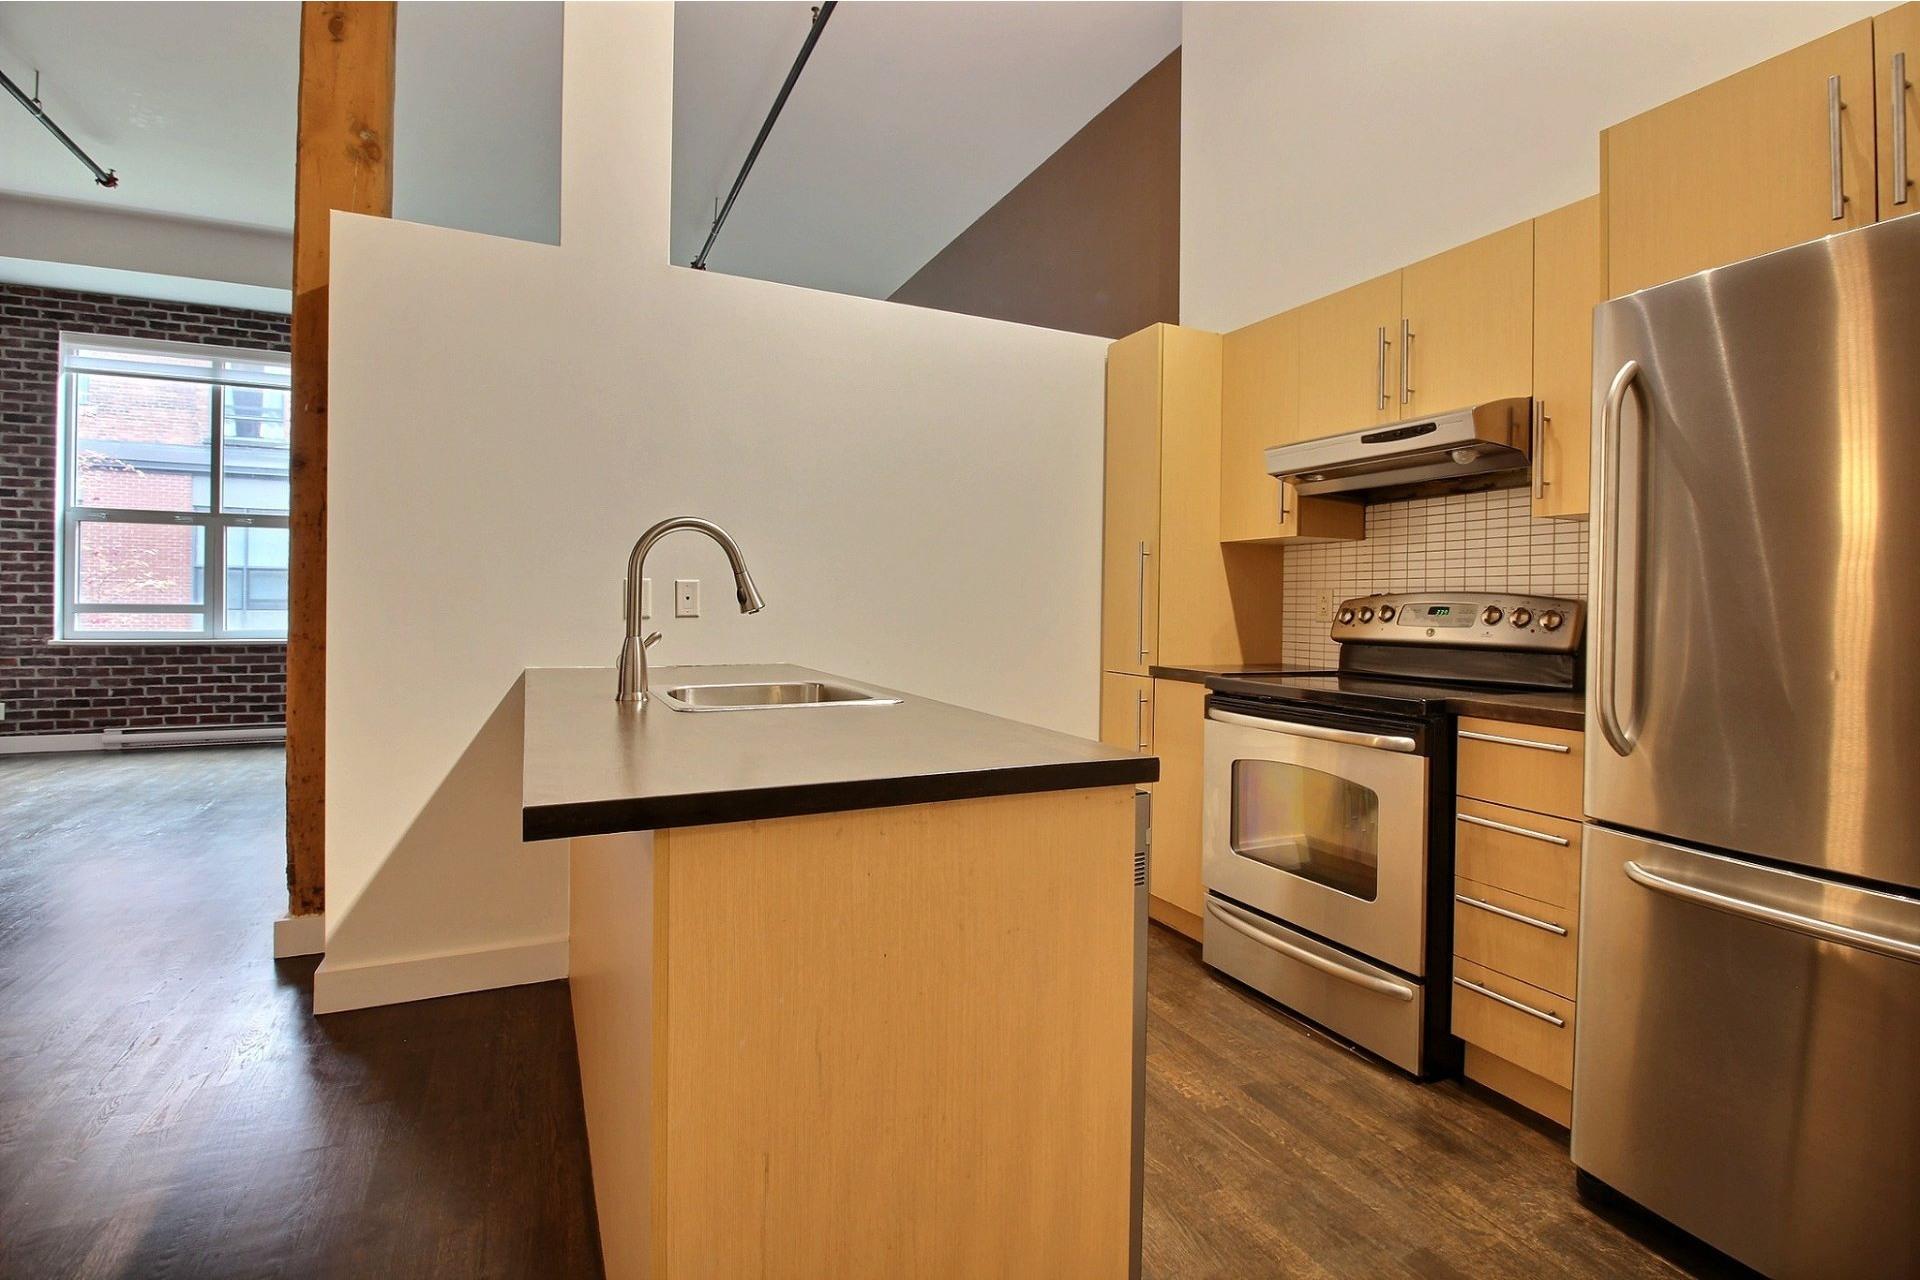 image 11 - Apartment For rent Mercier/Hochelaga-Maisonneuve Montréal  - 6 rooms